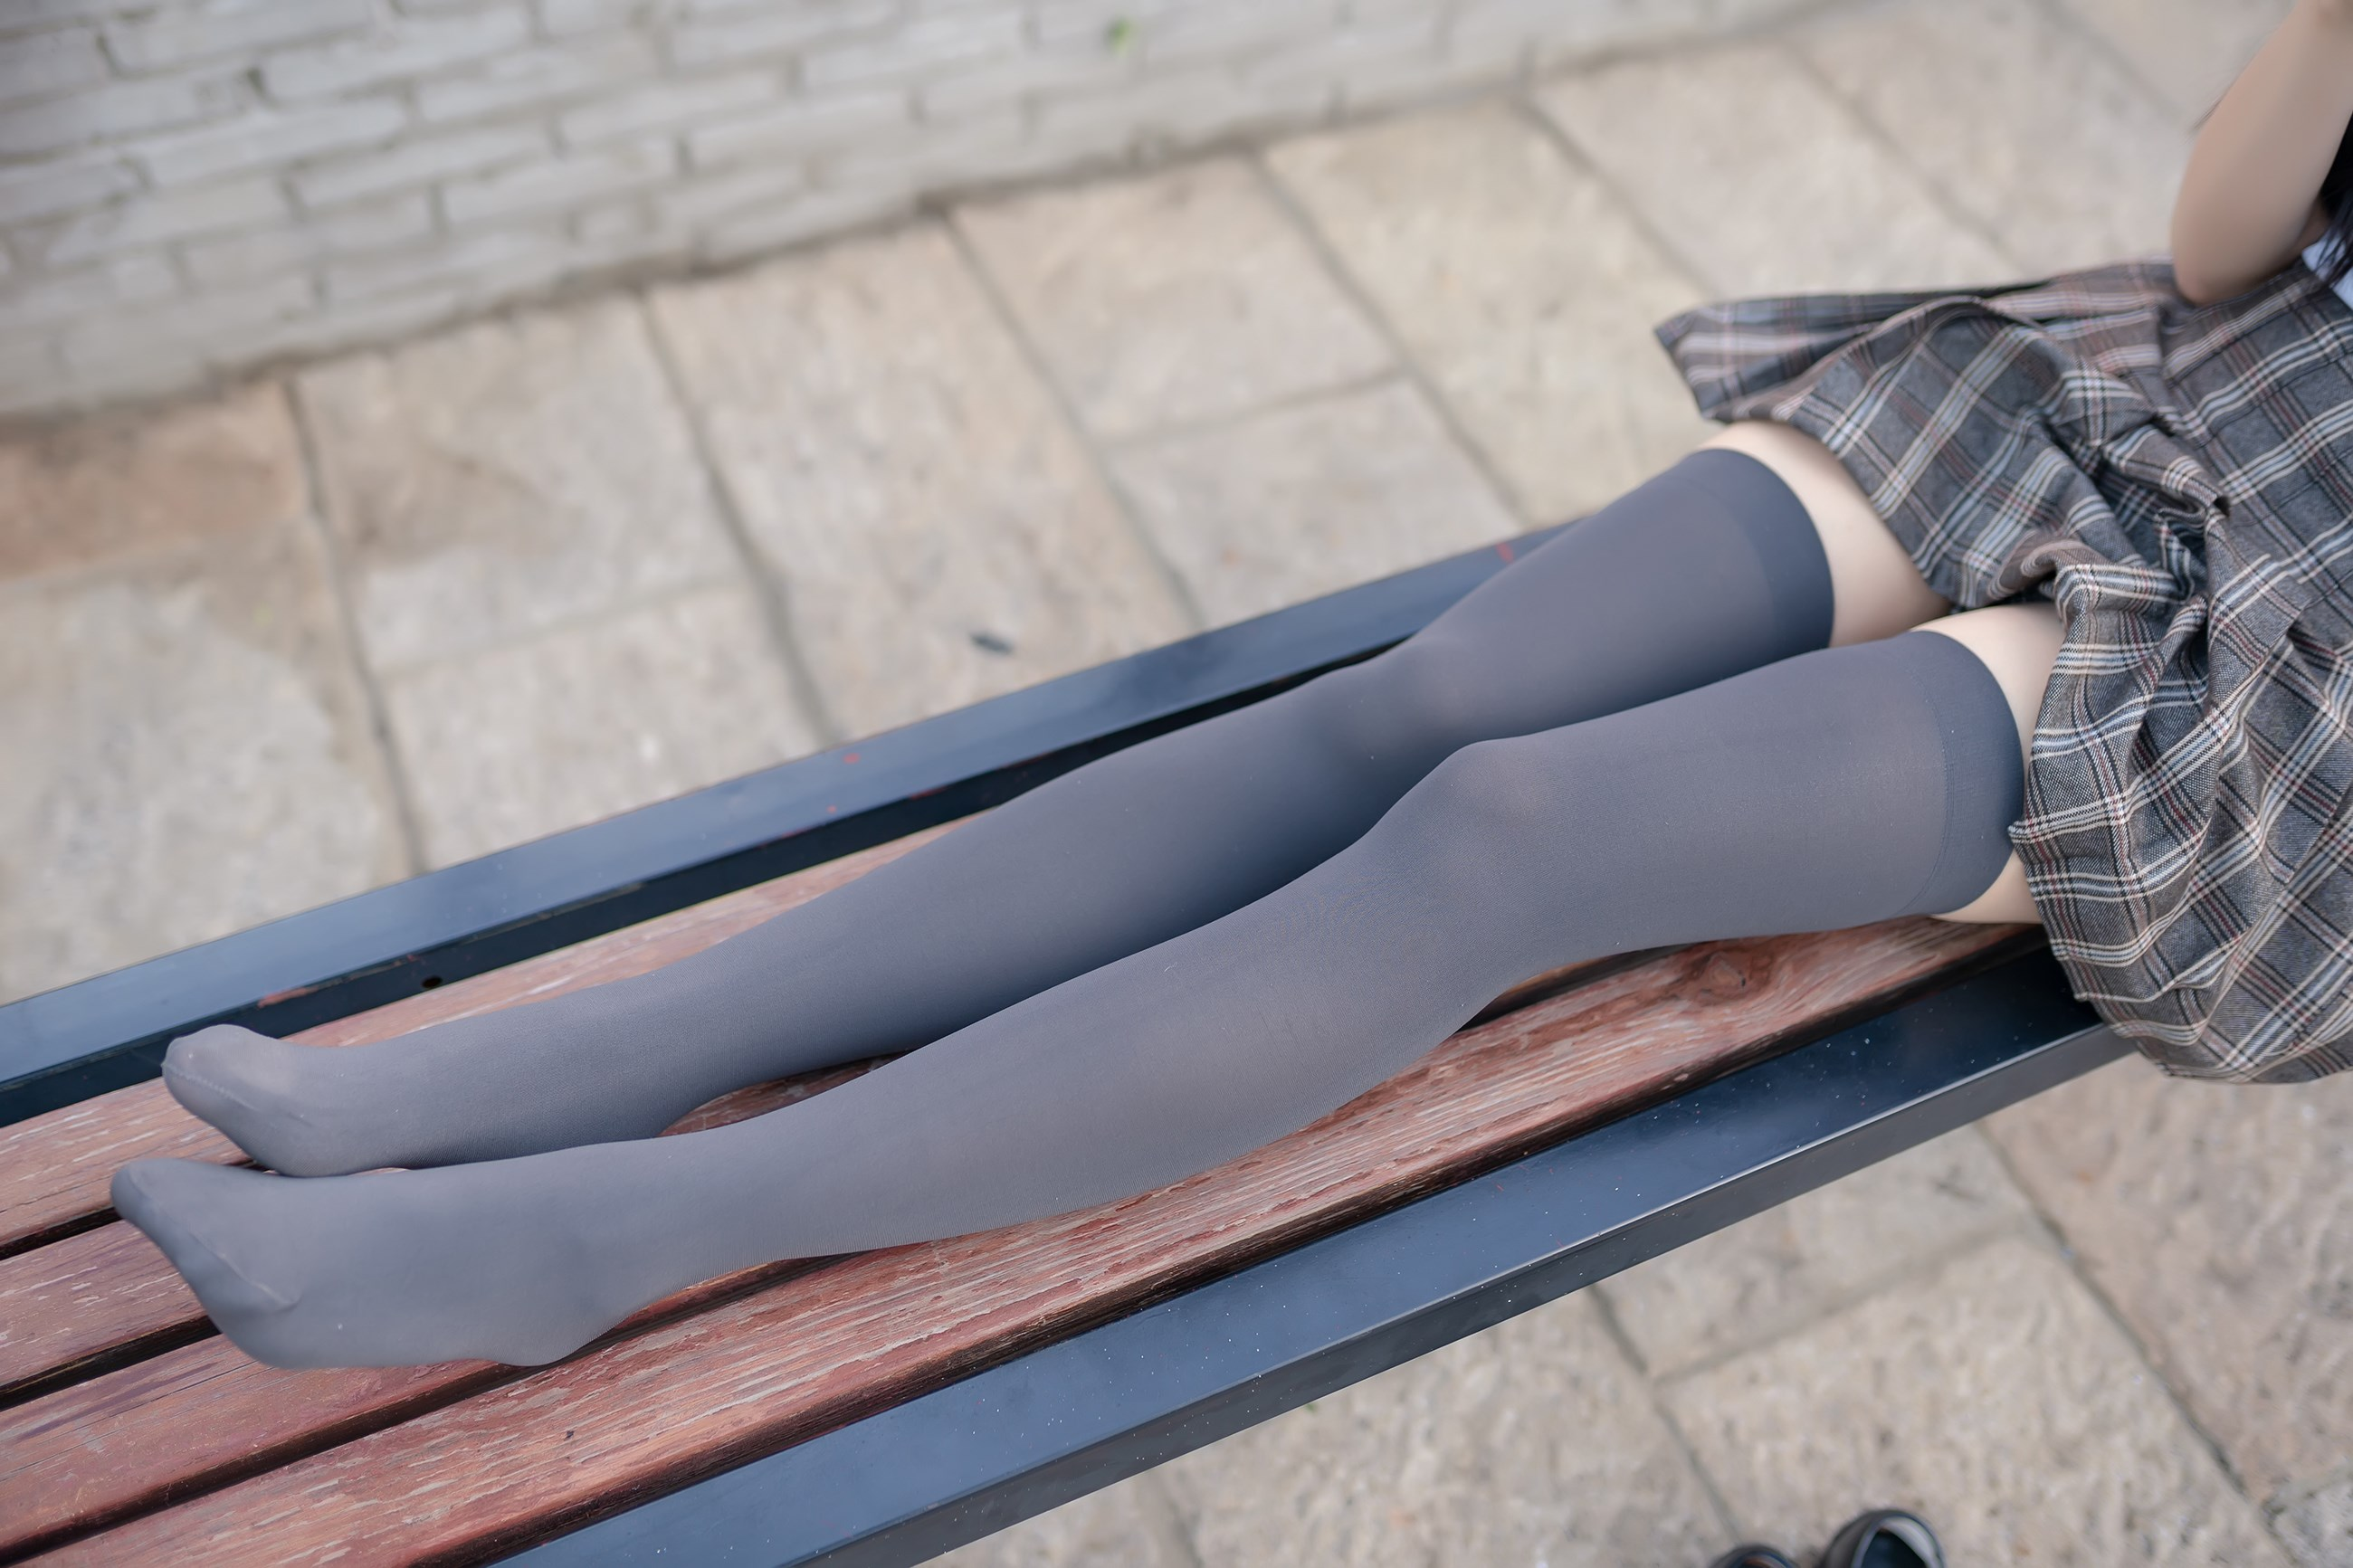 【兔玩映画】这个腿也太棒了吧! 兔玩映画 第13张